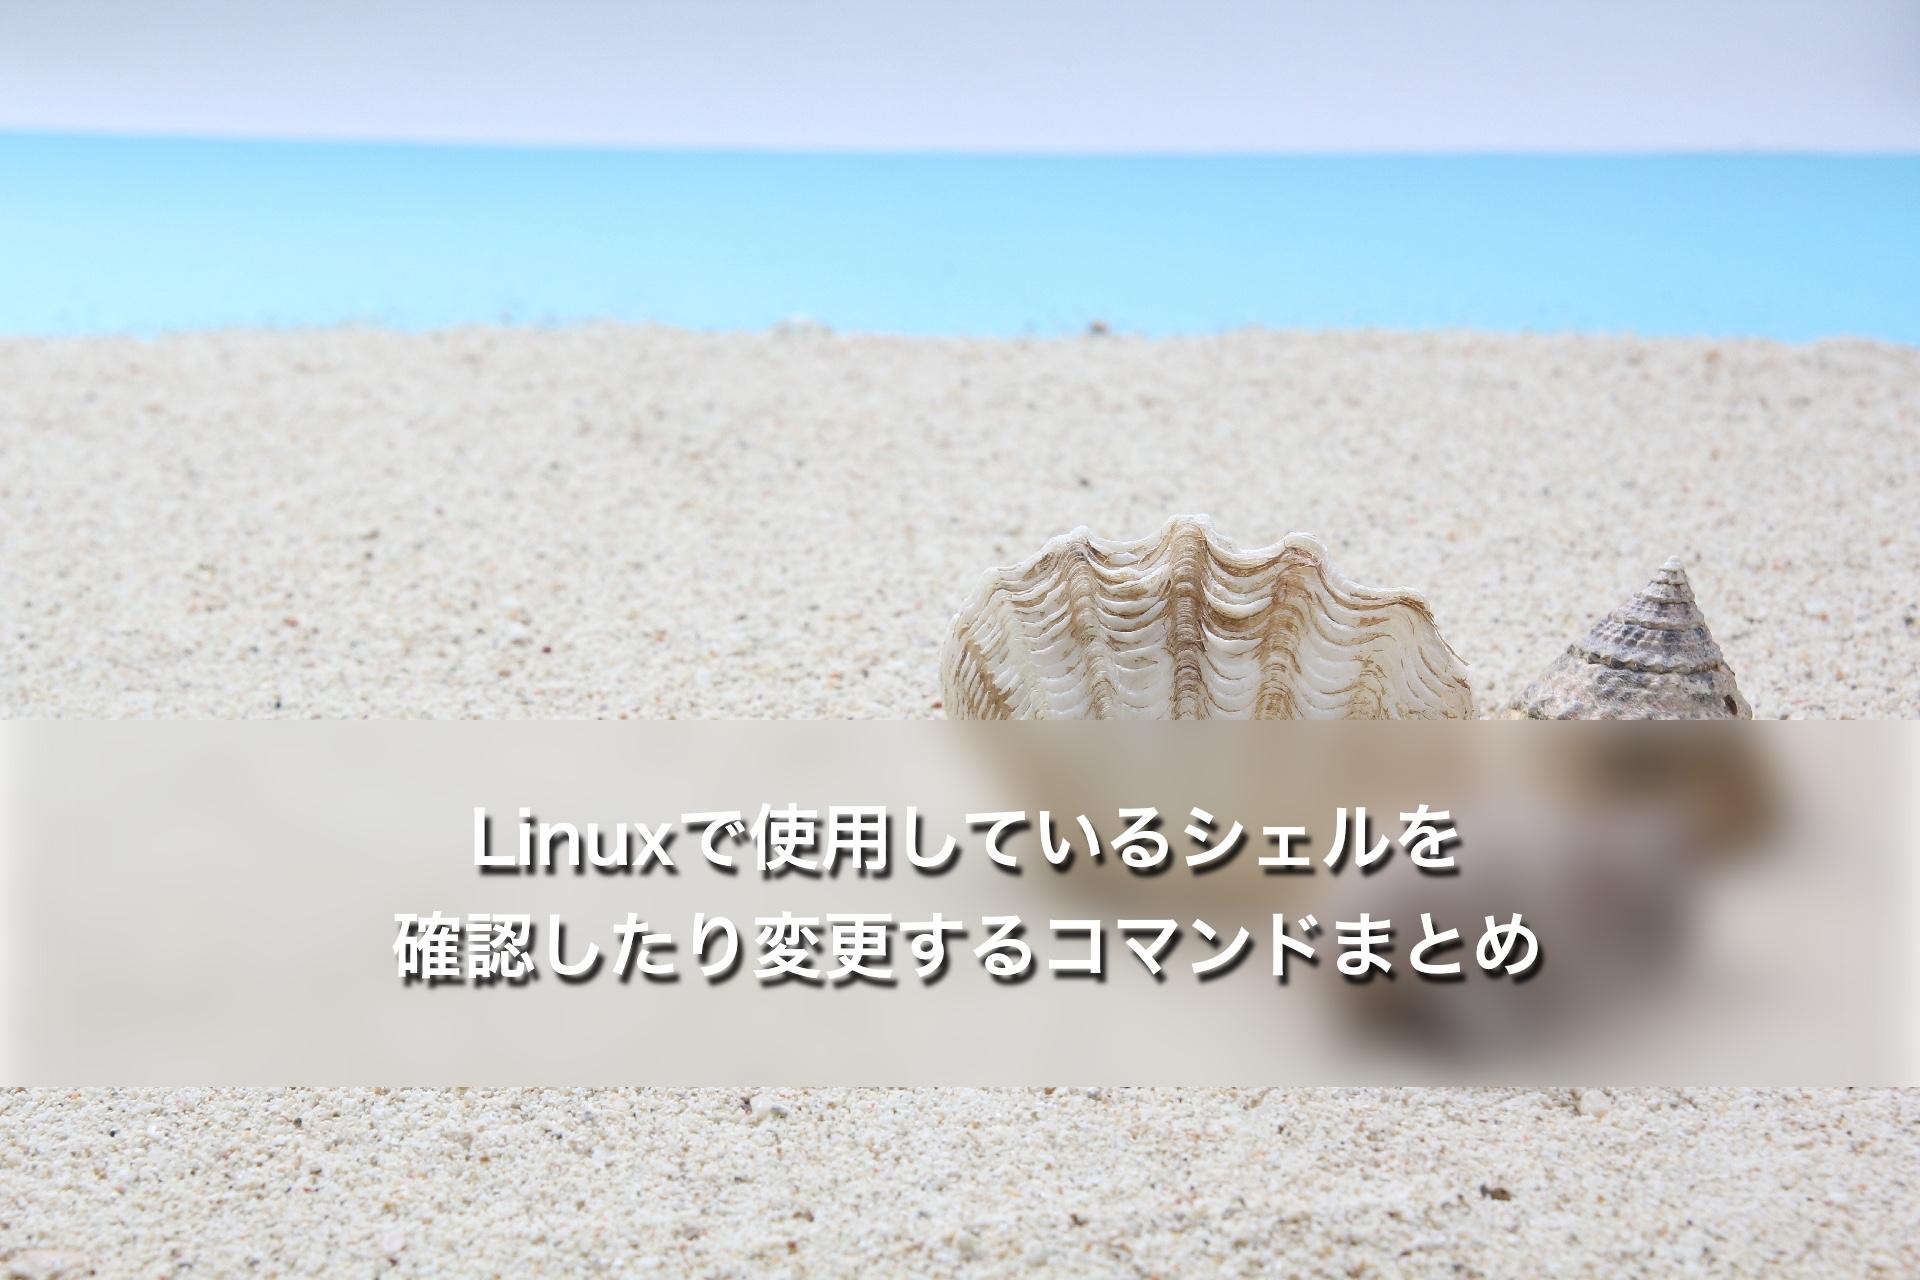 Linuxで使用しているシェルを確認したり変更するコマンドまとめ